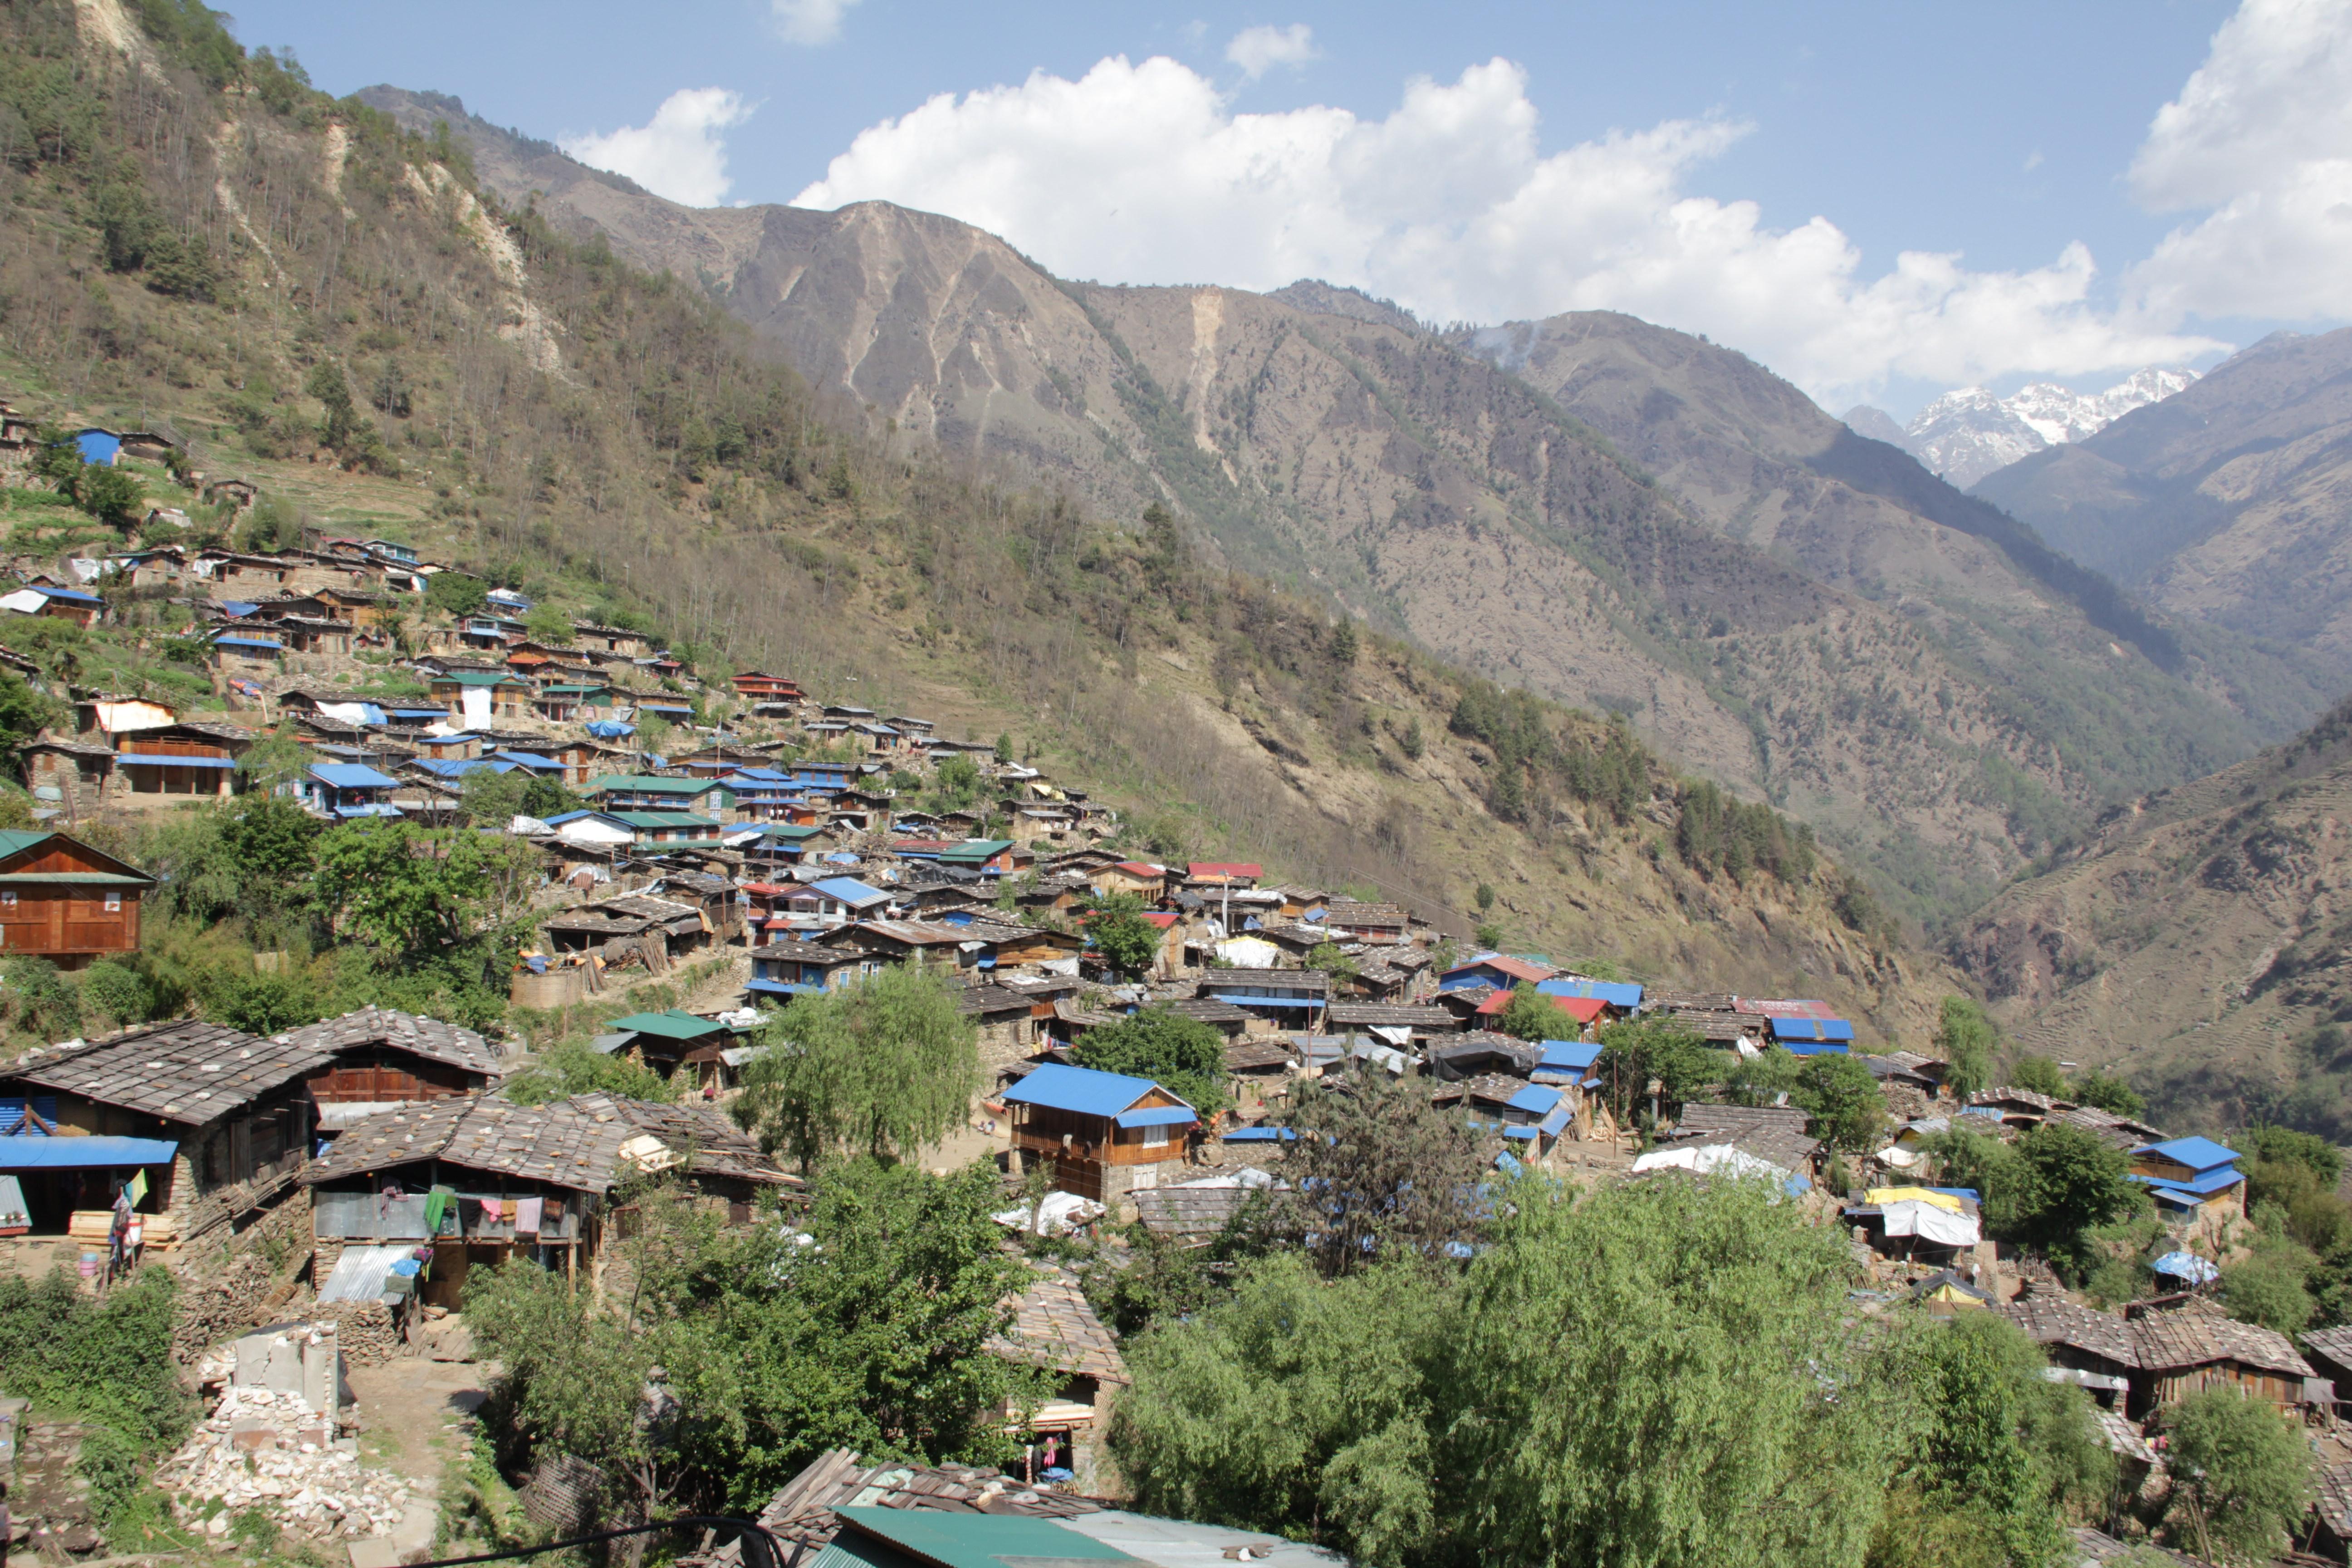 Un an après le séisme au Népal, les villageois de Laprak ont reconstruit plus de 80 % des maisons (© Jérôme Decoster).